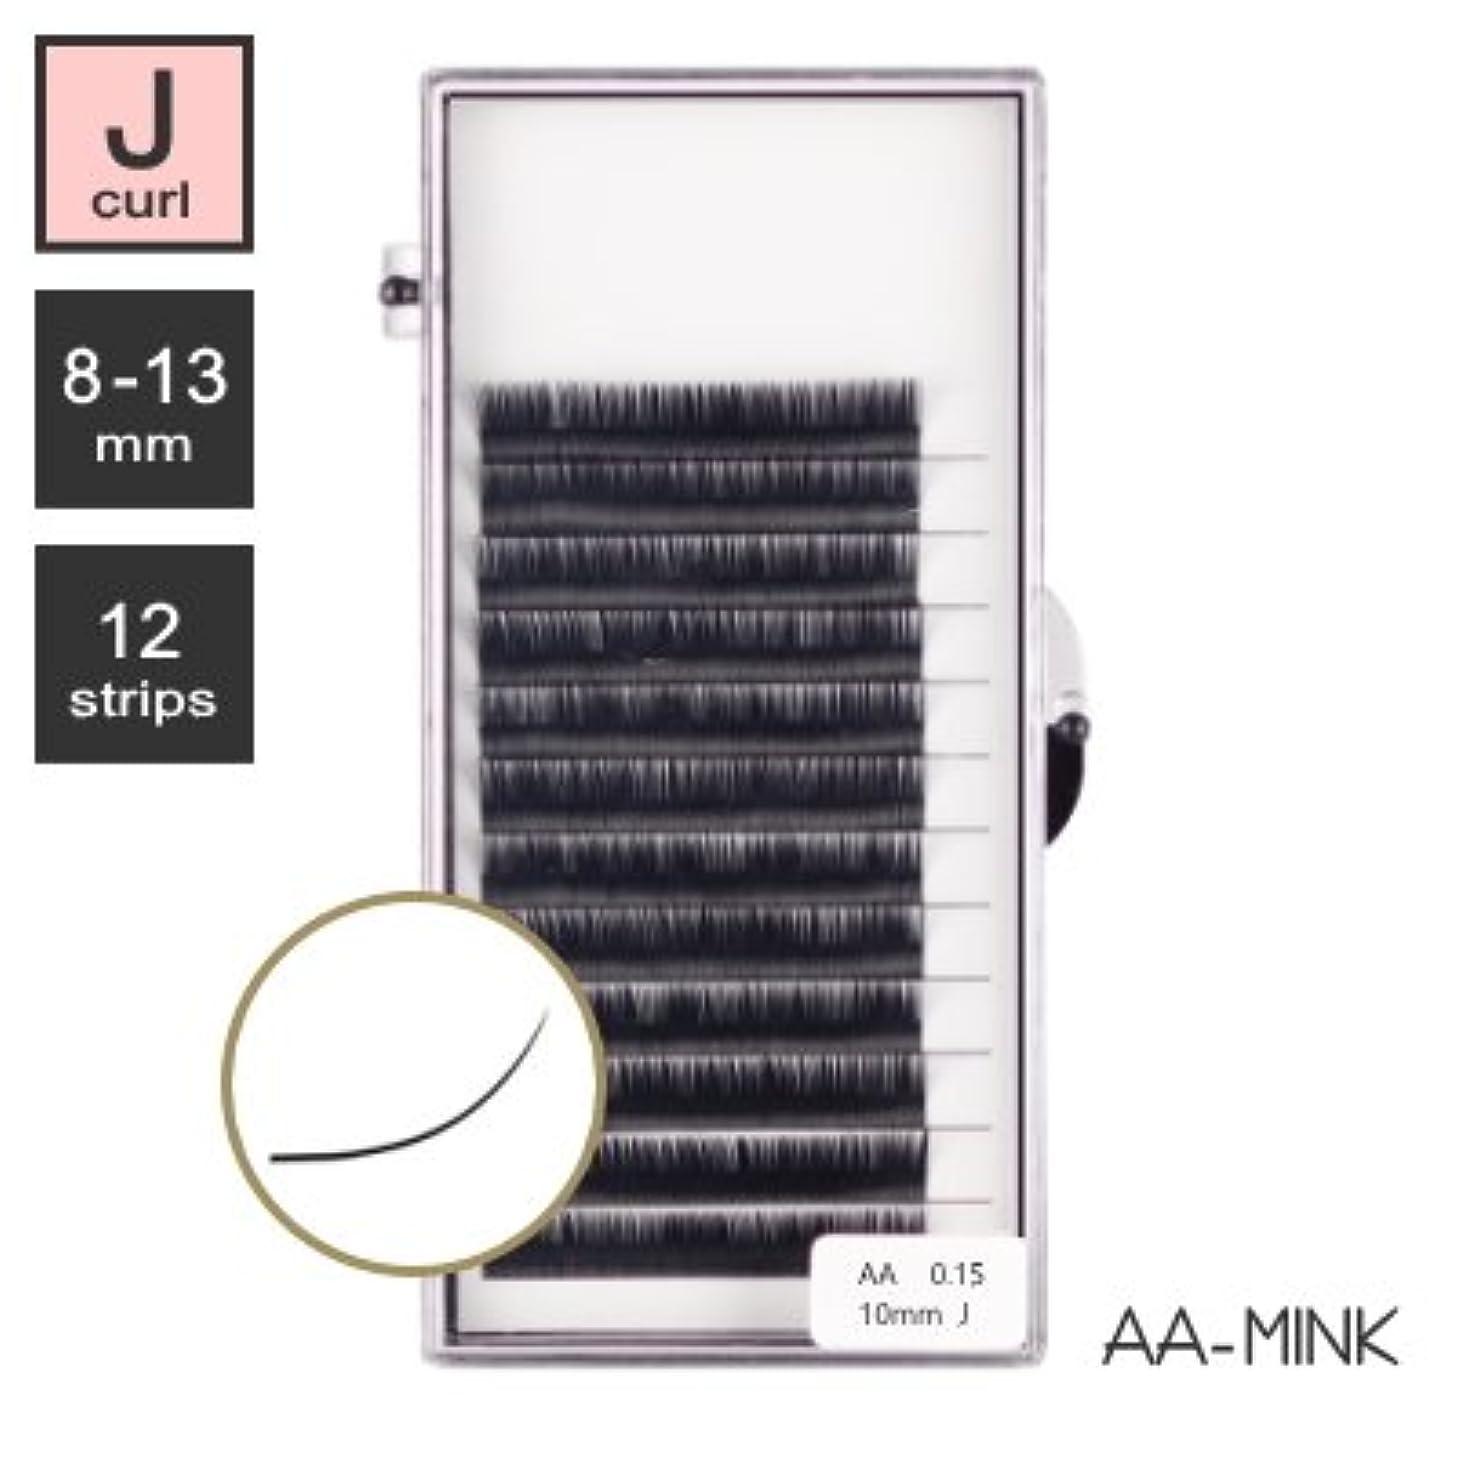 まつげエクステ《軽くて柔らかい極上の付け心地!》プレミアムAAミンク (Jカール) (12列) (0.15 / 10mm)